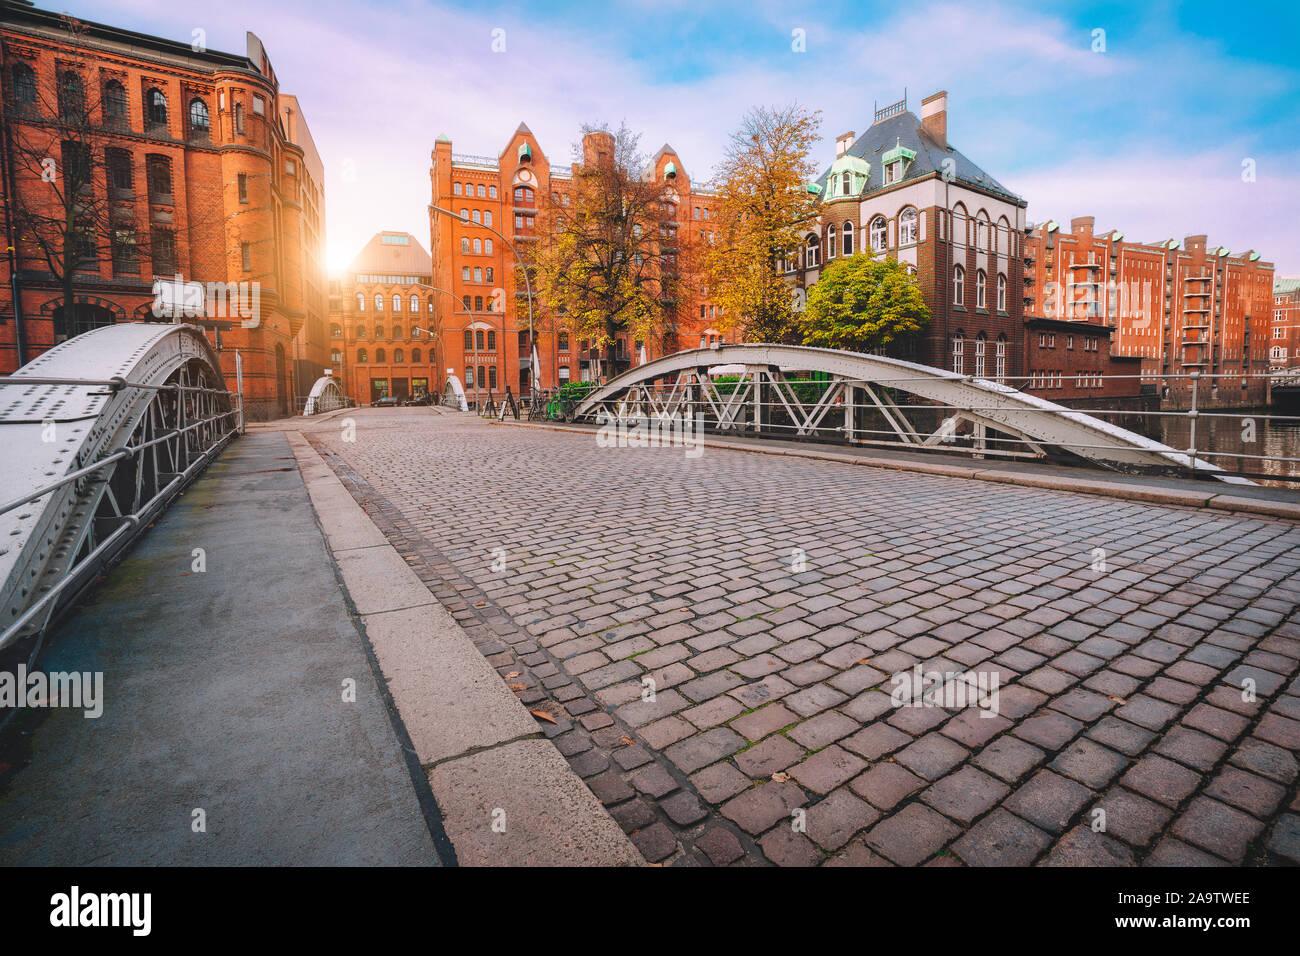 Puente en arco a través de canales con calle empedrada en el Speicherstadt de Hamburgo, Alemania, Europa. Histórico edificio de ladrillo rojo iluminado por la luz del atardecer dorado n Foto de stock